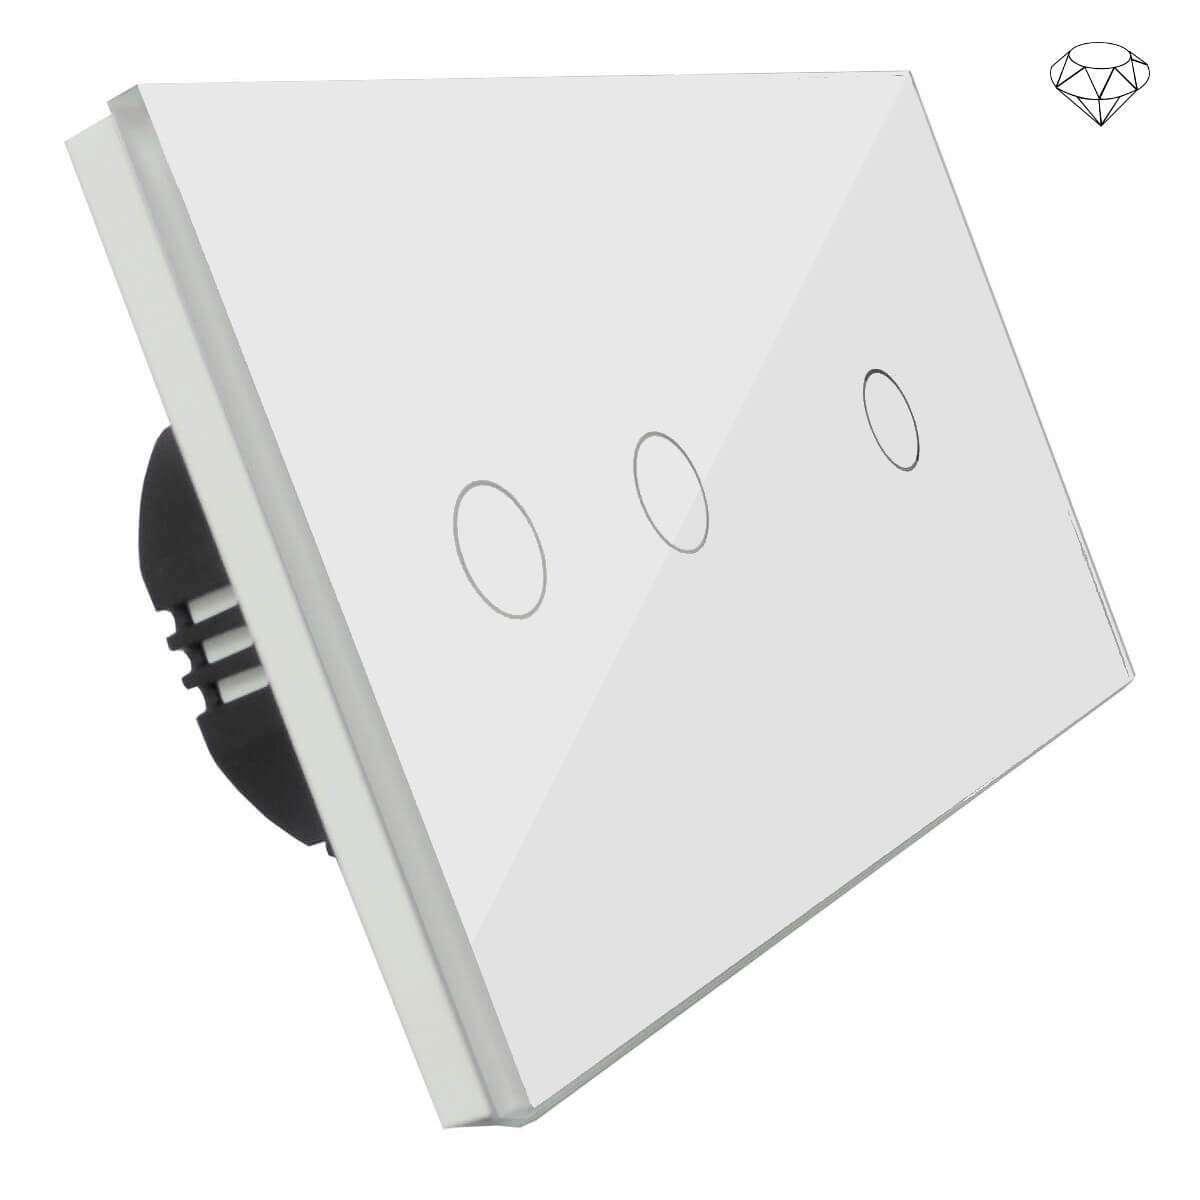 Szklany wyłącznik światła dotykowy dwuobwodowy, trzy przyciski, na dwie puszki, biały